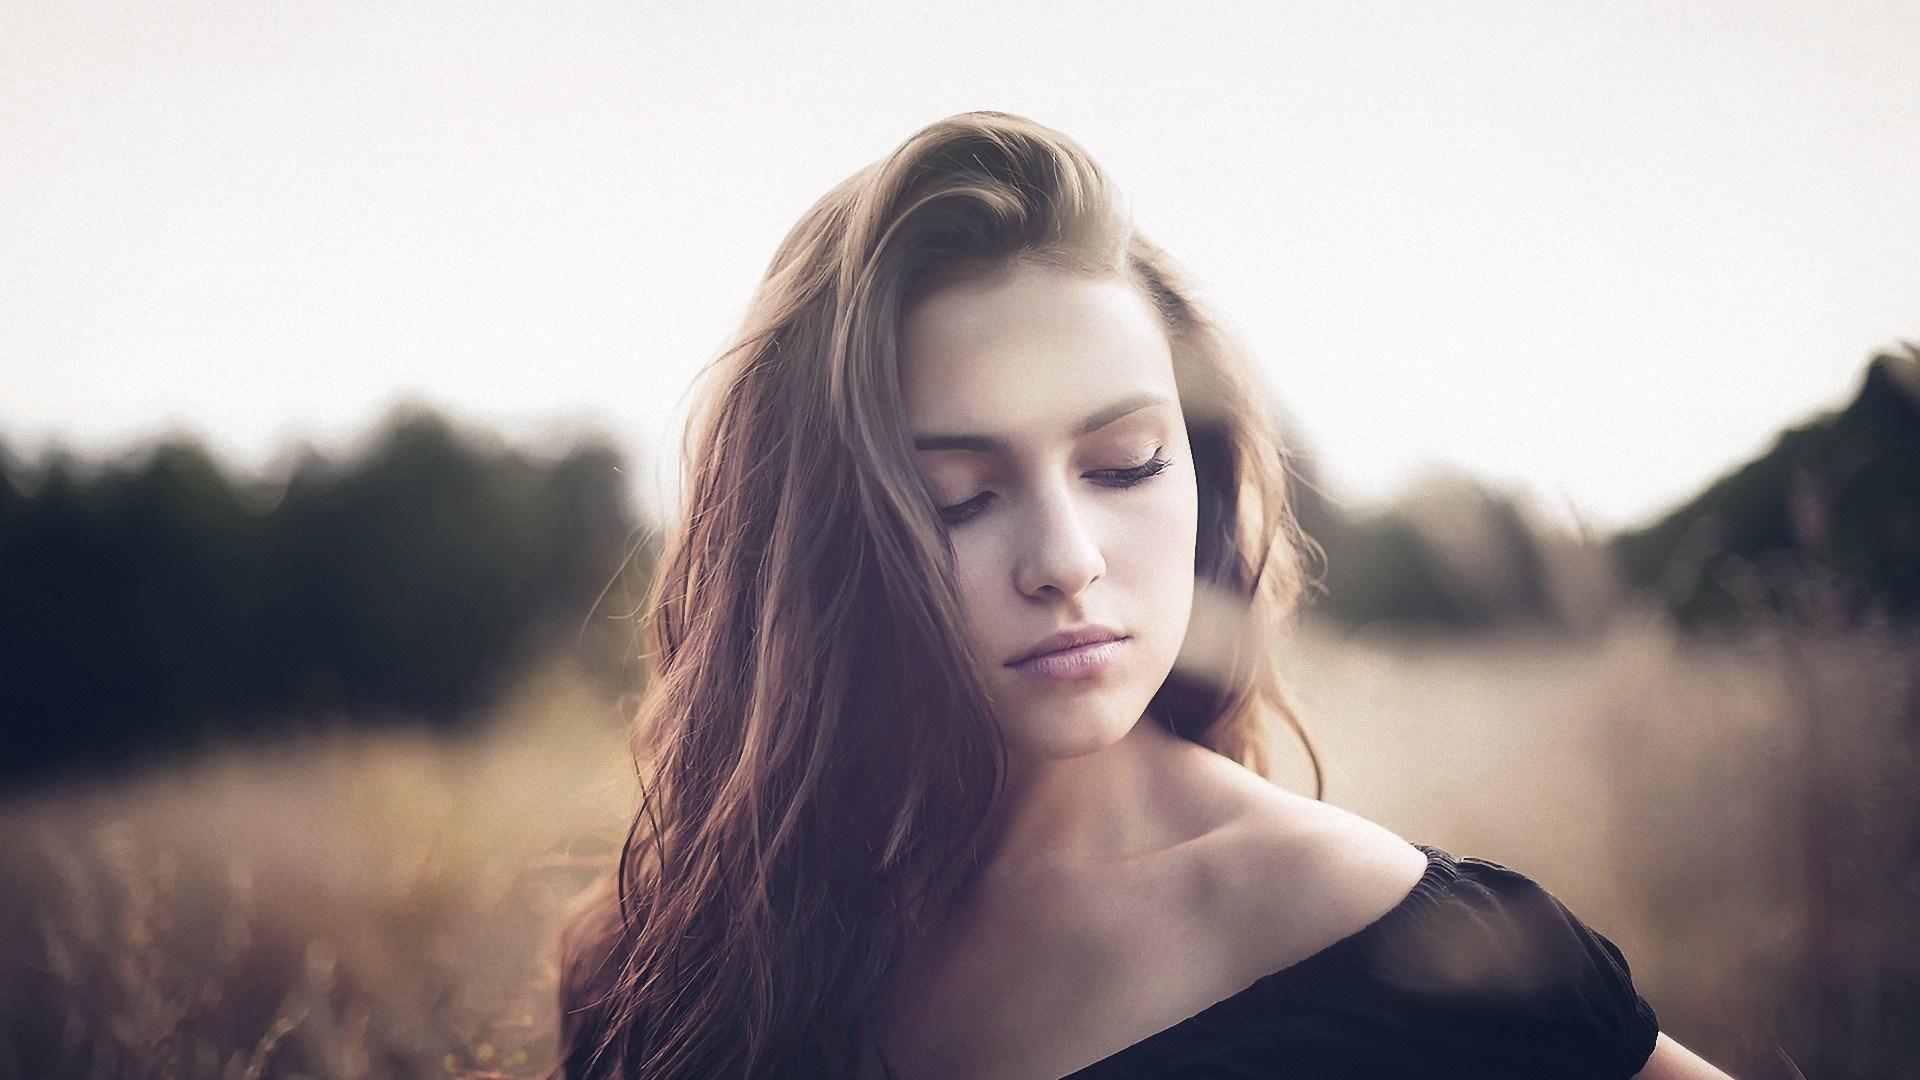 Girl Portrait Look